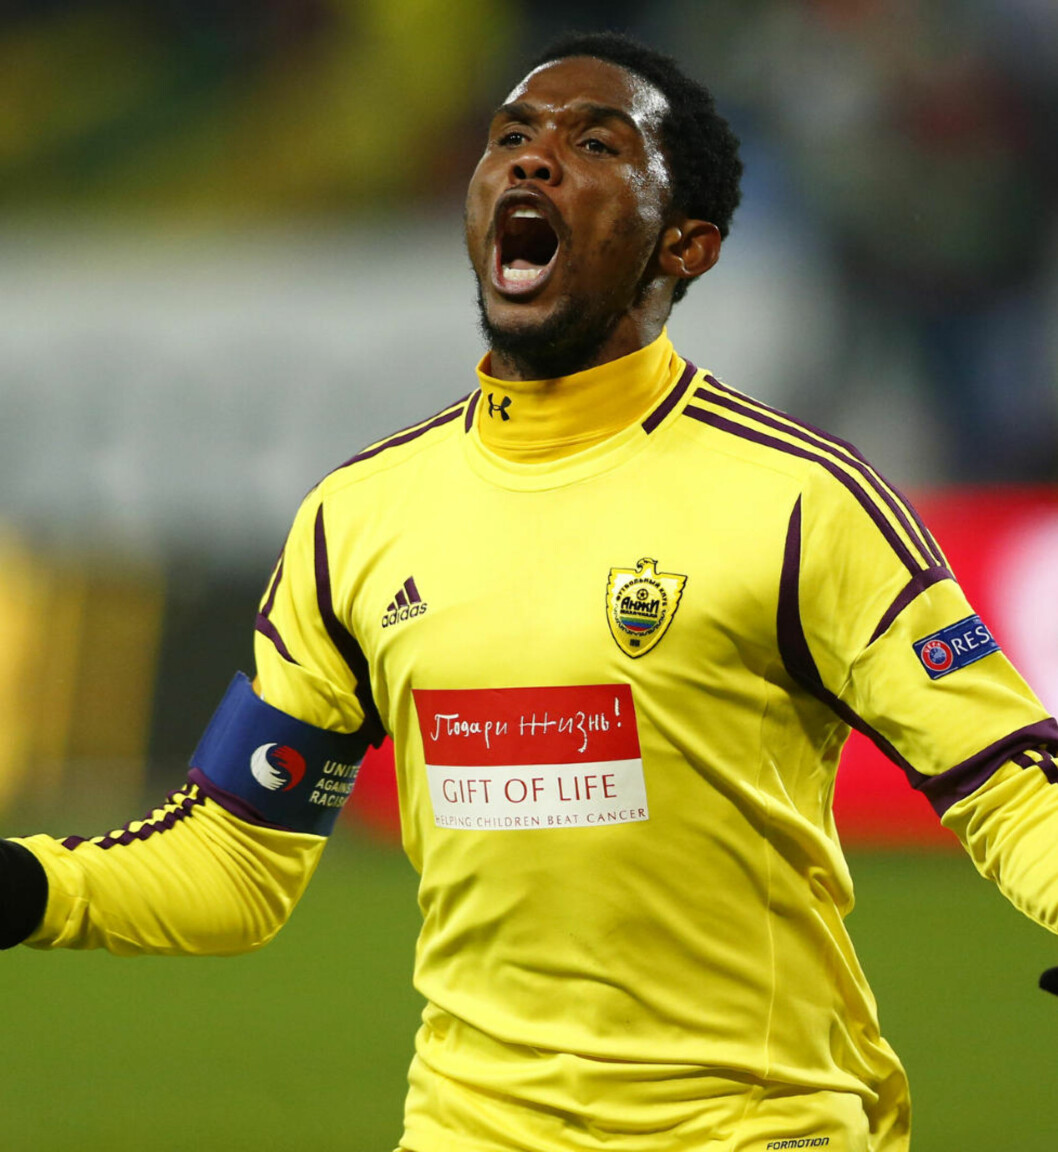 <strong>REDD :</strong> Samuel Eto'o frykter for sitt eget liv, og tror Kamerunds fotballforbund ønsker å drepe ham. Foto: NTB Scanpix